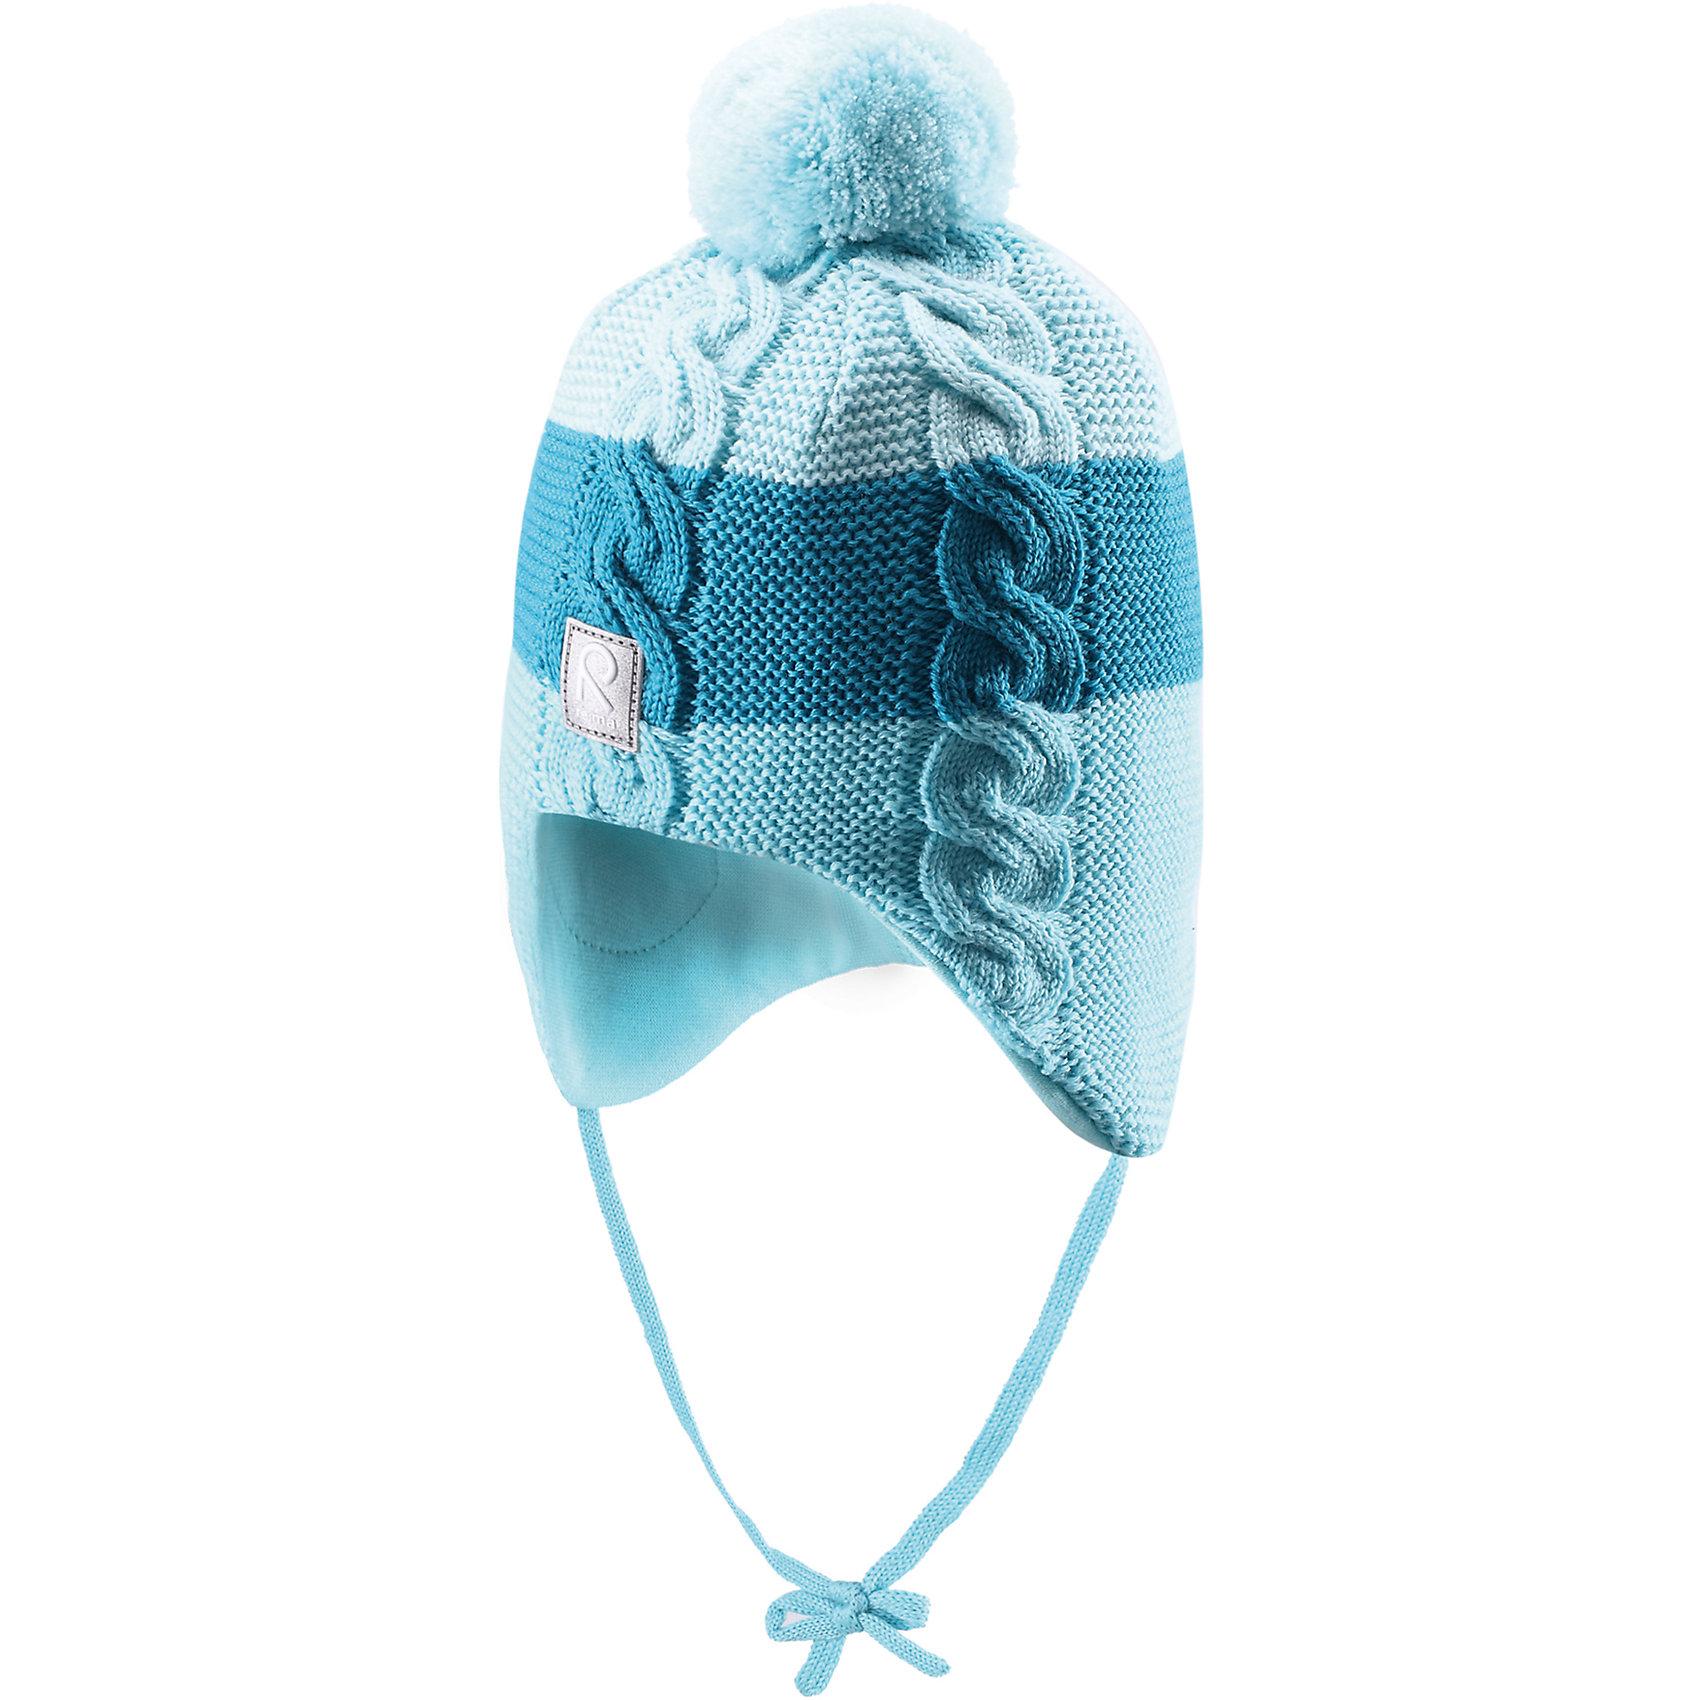 Шапка для девочки ReimaВ этом сезоне эта милая и популярная шерстяная шапочка возвращается в новой расцветке! Она сделана из теплой шерстяной вязки и имеет с внутренней стороны удобную подкладку из хлопчатобумажного трикотажа. Вставки в области ушей еще больше защищают маленькие ушки, а завязки по бокам не позволяют шапочке соскальзывать во время активного отдыха. На затылке имеется помпон!<br><br> Шерстяная шапочка для малышей и детей постарше<br> Сплошная подкладка: удобная из хлопкового трикотажа с эластаном<br> Ветронепроницаемые вставки в области ушей<br> Узор в полоску в новых цветах сезона<br>Состав:<br>100% Шерсть<br><br><br>Шапку для девочки Reima (Рейма) можно купить в нашем магазине.<br><br>Ширина мм: 89<br>Глубина мм: 117<br>Высота мм: 44<br>Вес г: 155<br>Цвет: голубой<br>Возраст от месяцев: 12<br>Возраст до месяцев: 24<br>Пол: Женский<br>Возраст: Детский<br>Размер: 48,50,52,46<br>SKU: 4208735